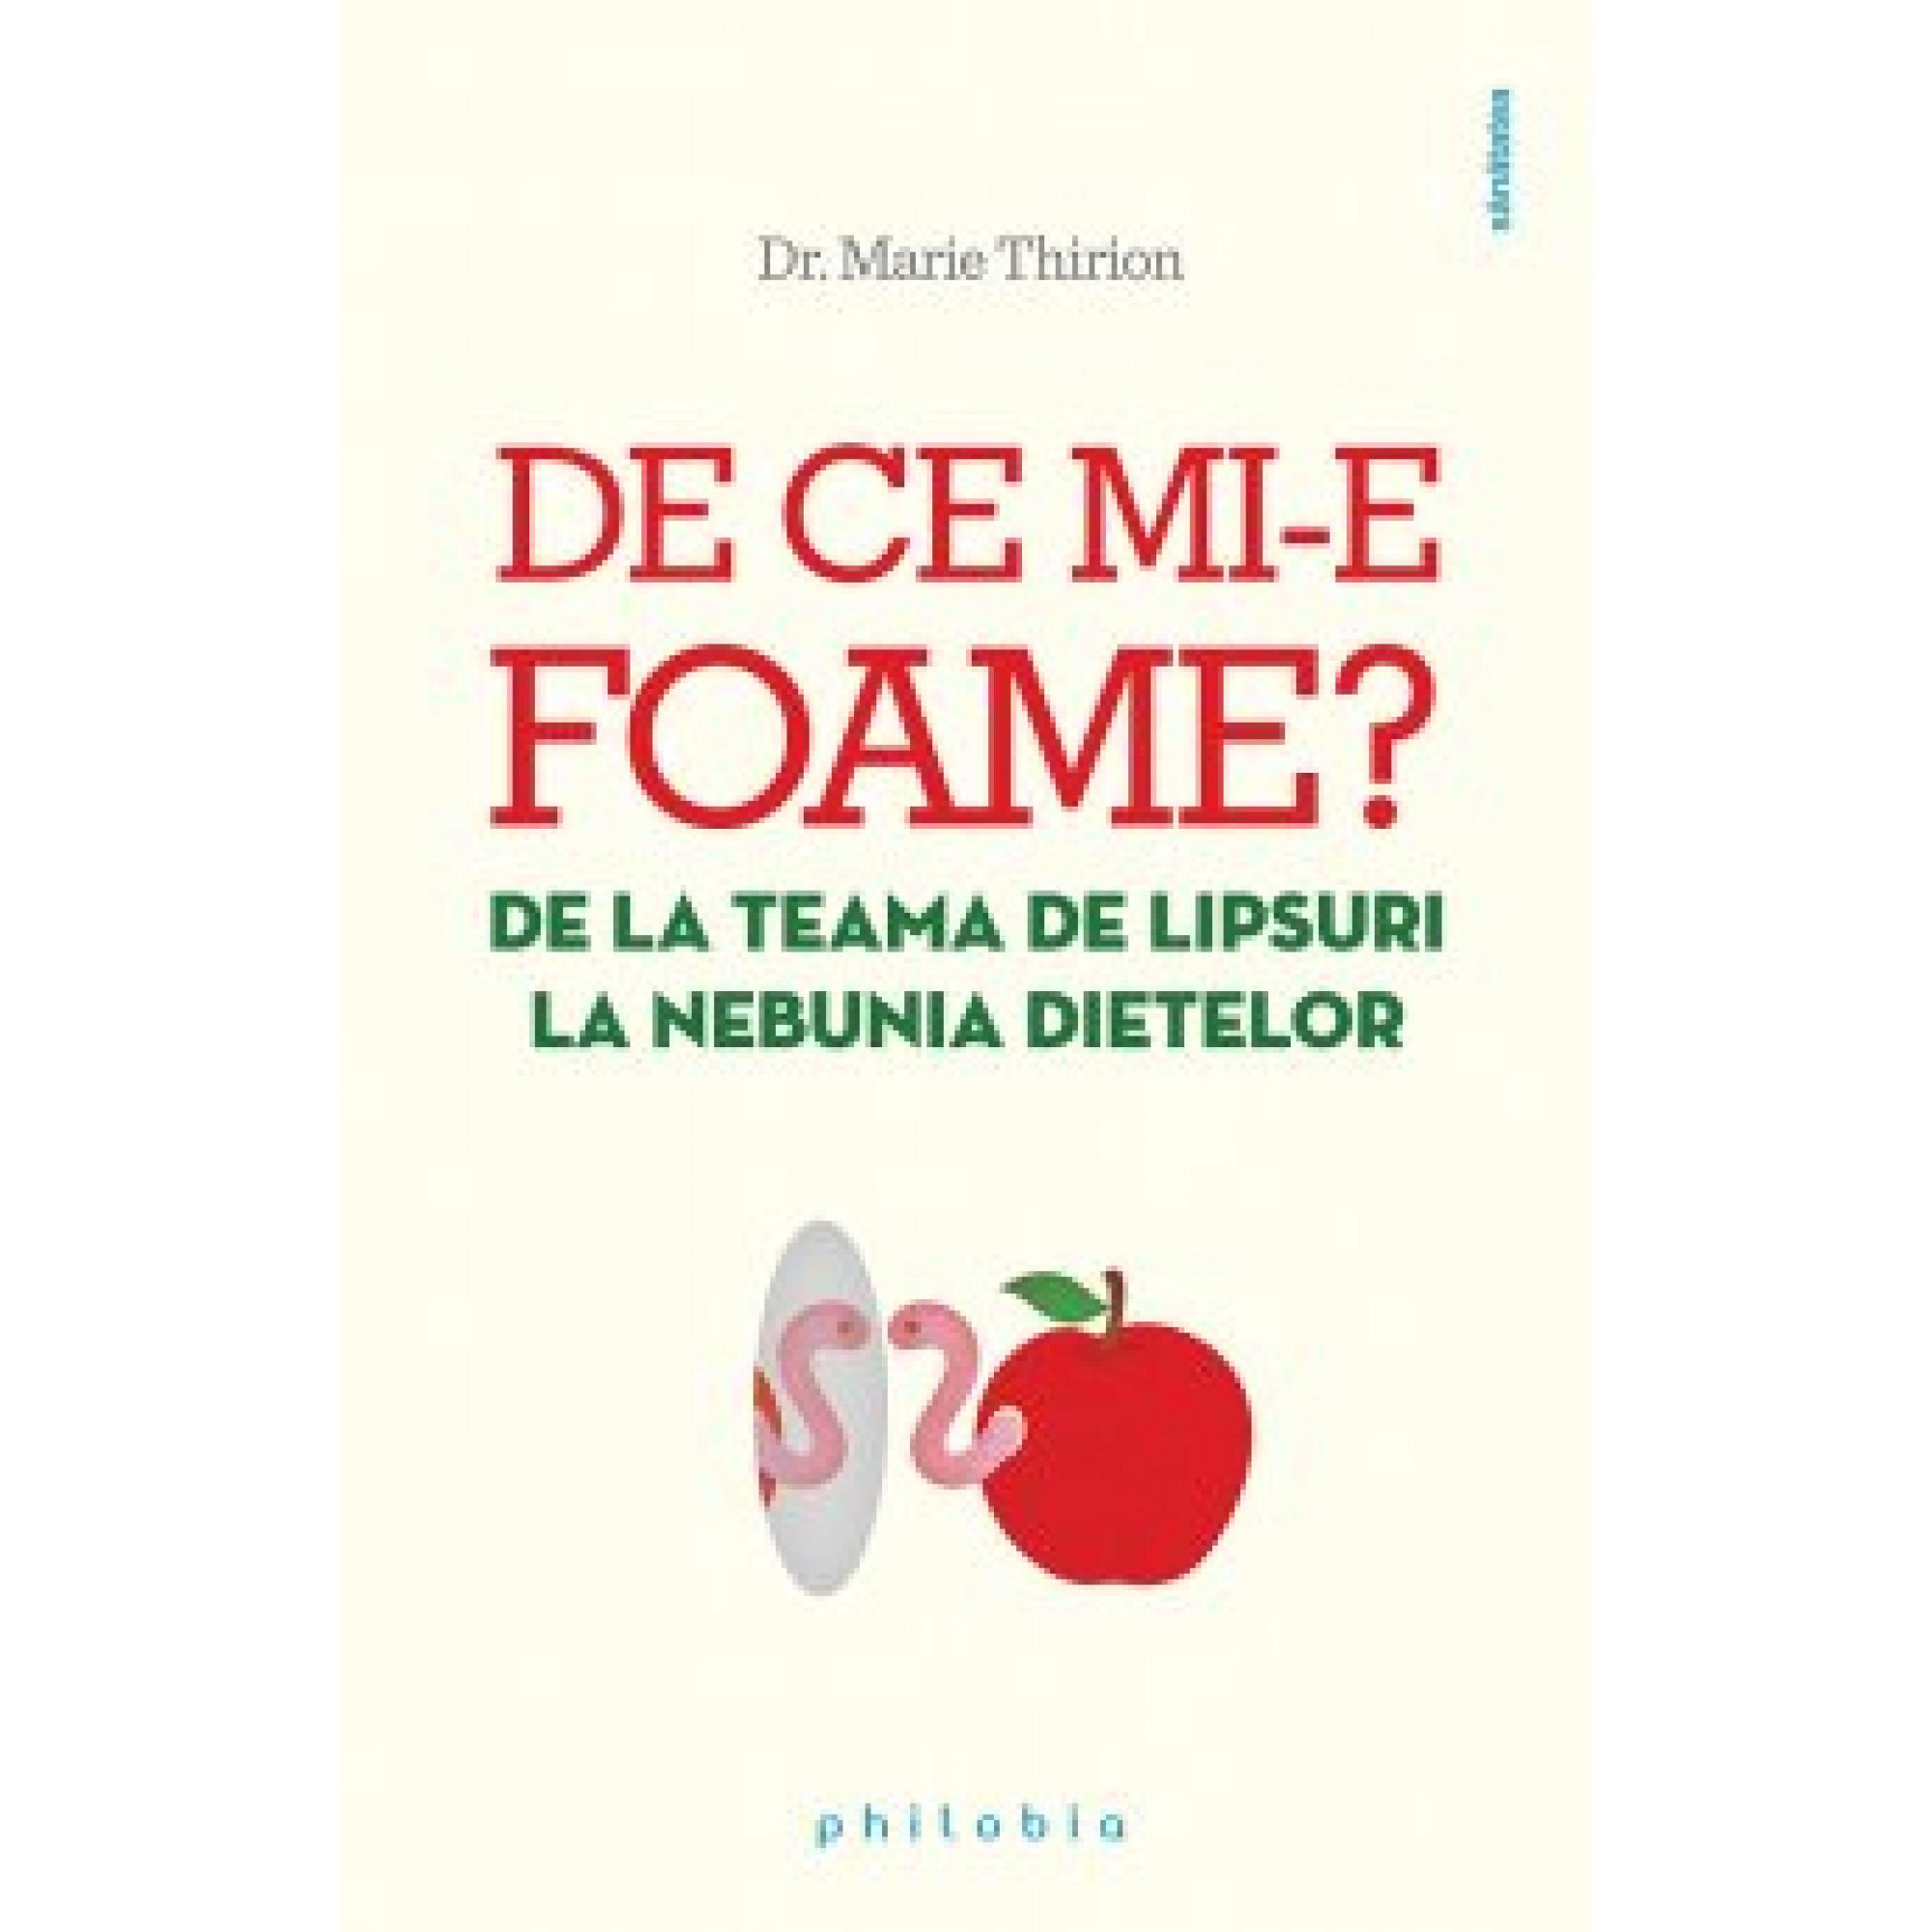 De ce mi-e foame?; Dr. Marie Thirion